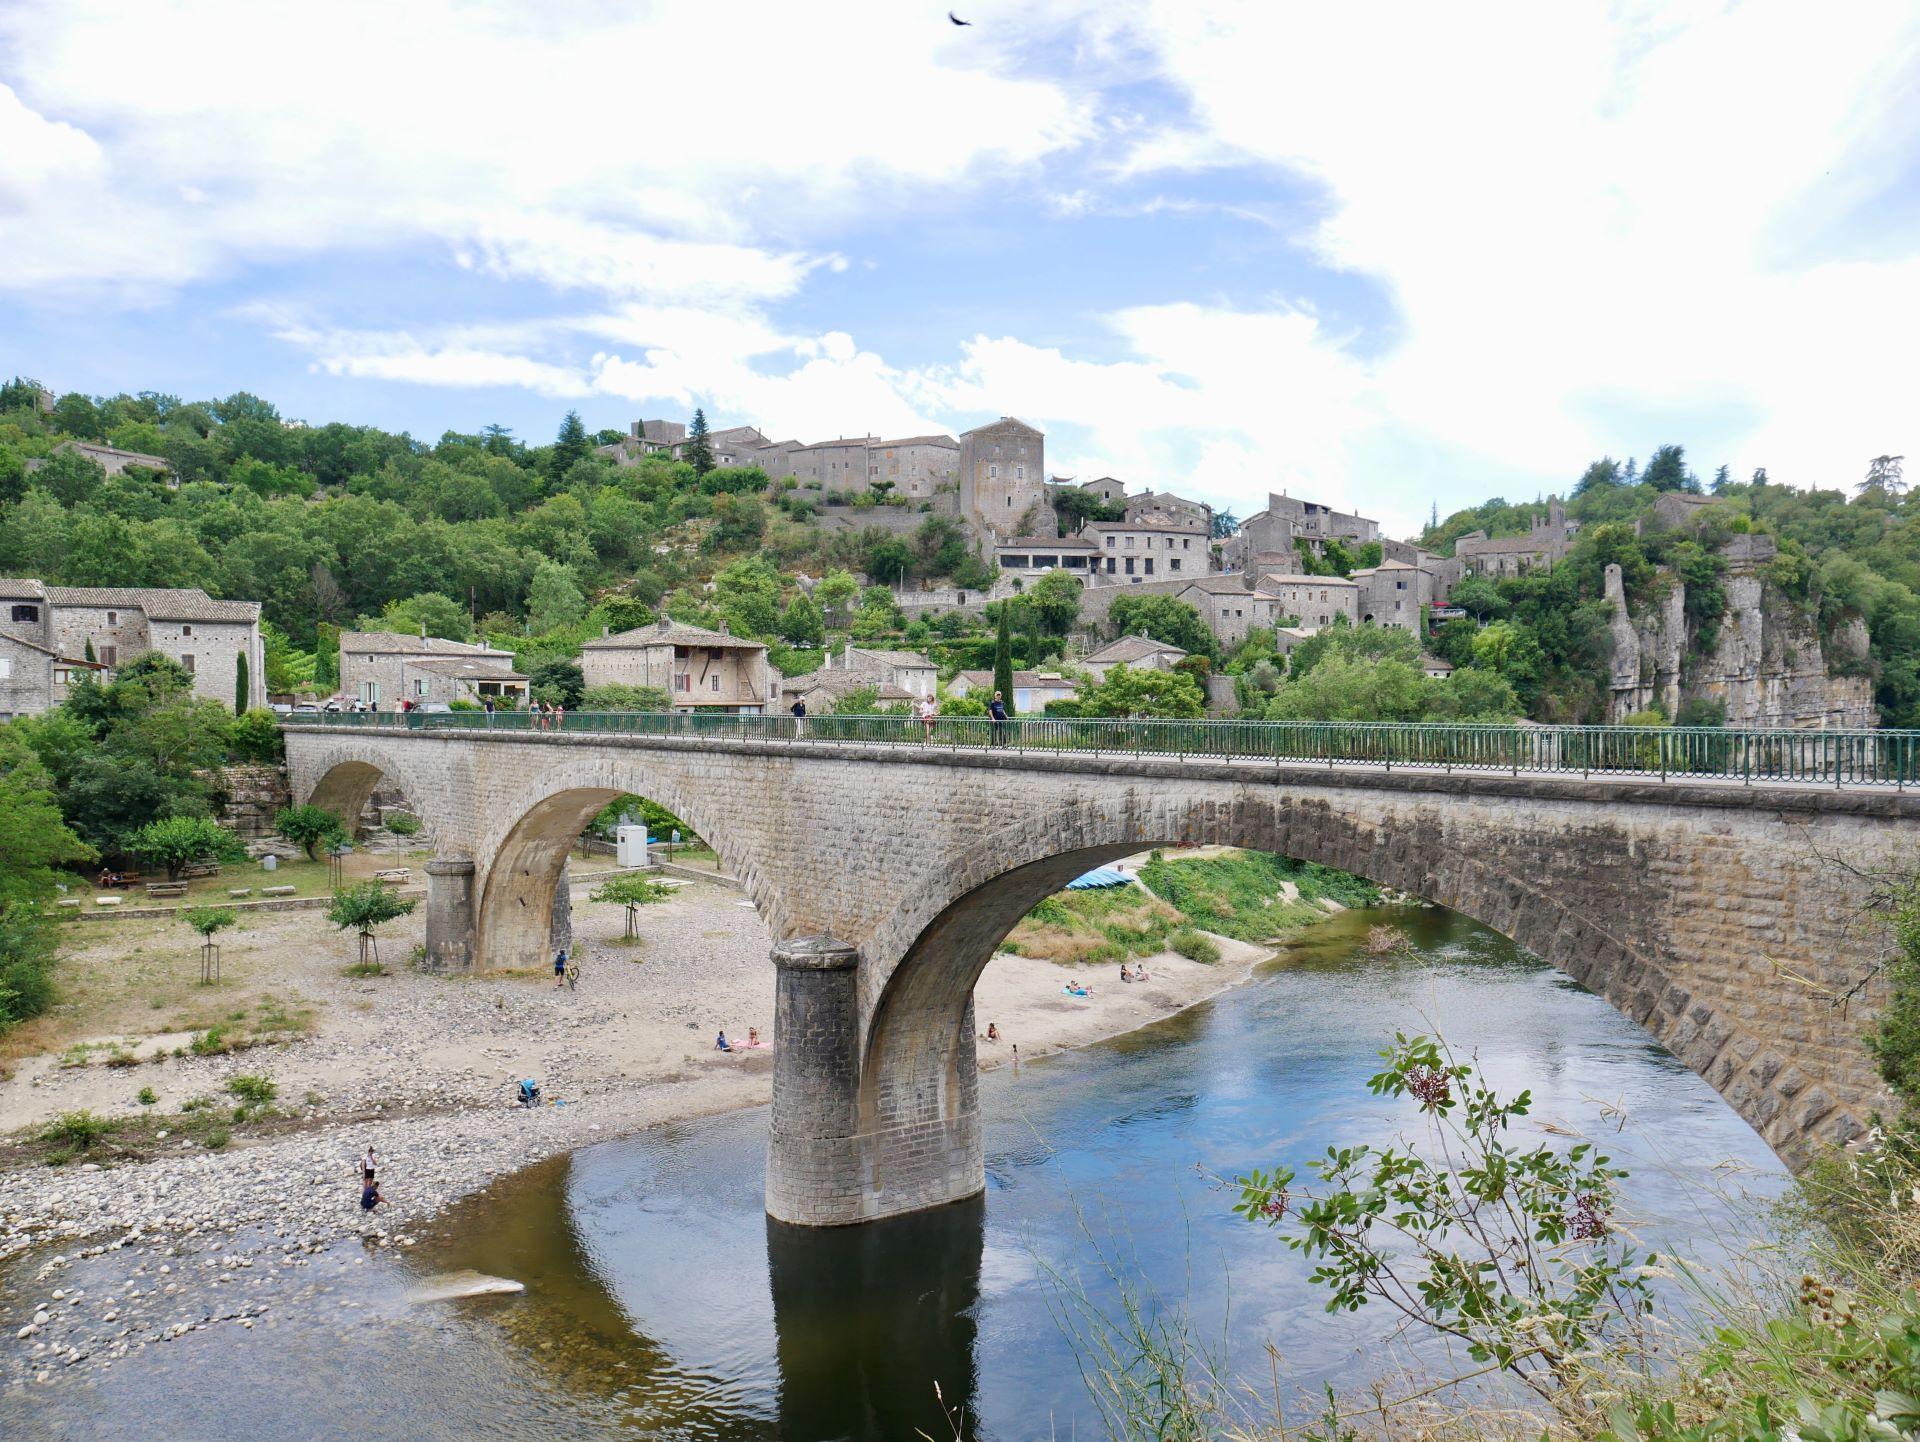 balade en Ardèche : Balazuc vue de l'autre côté du pont